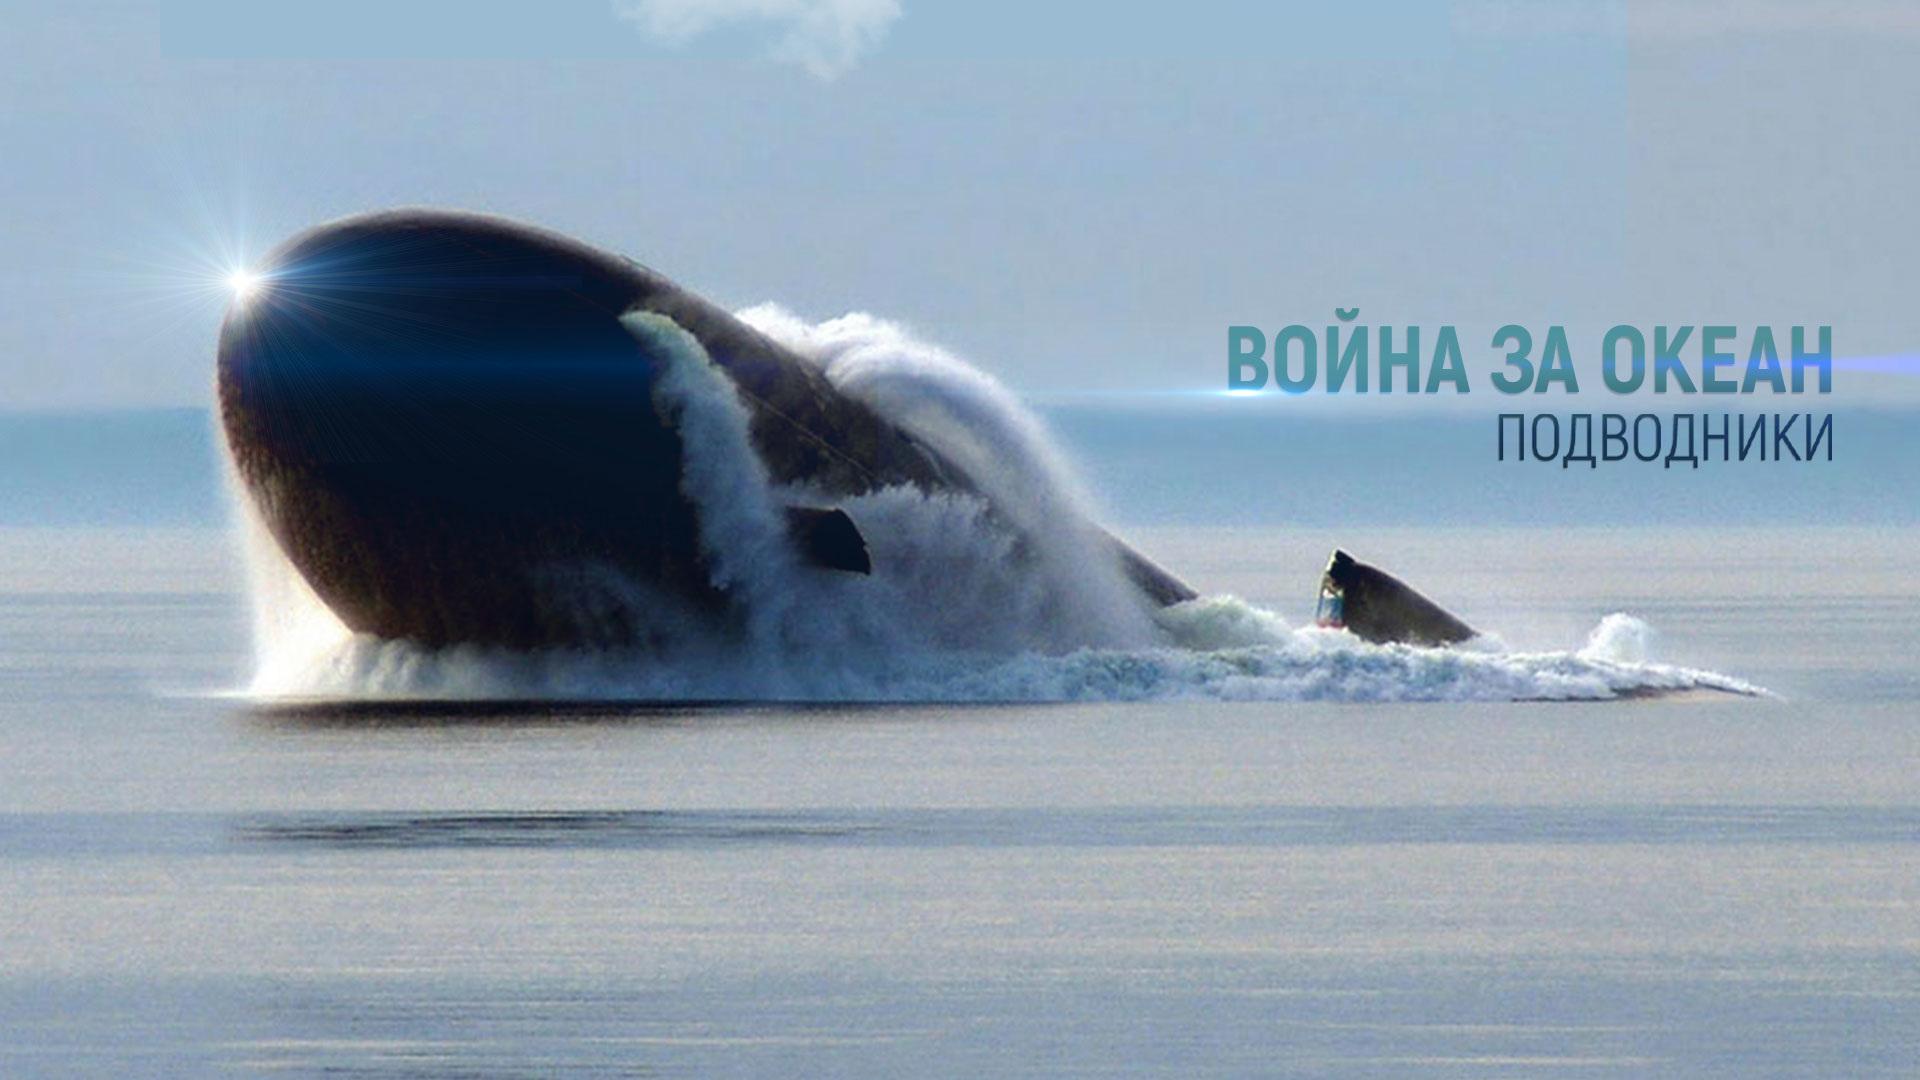 Война за океан. Подводники